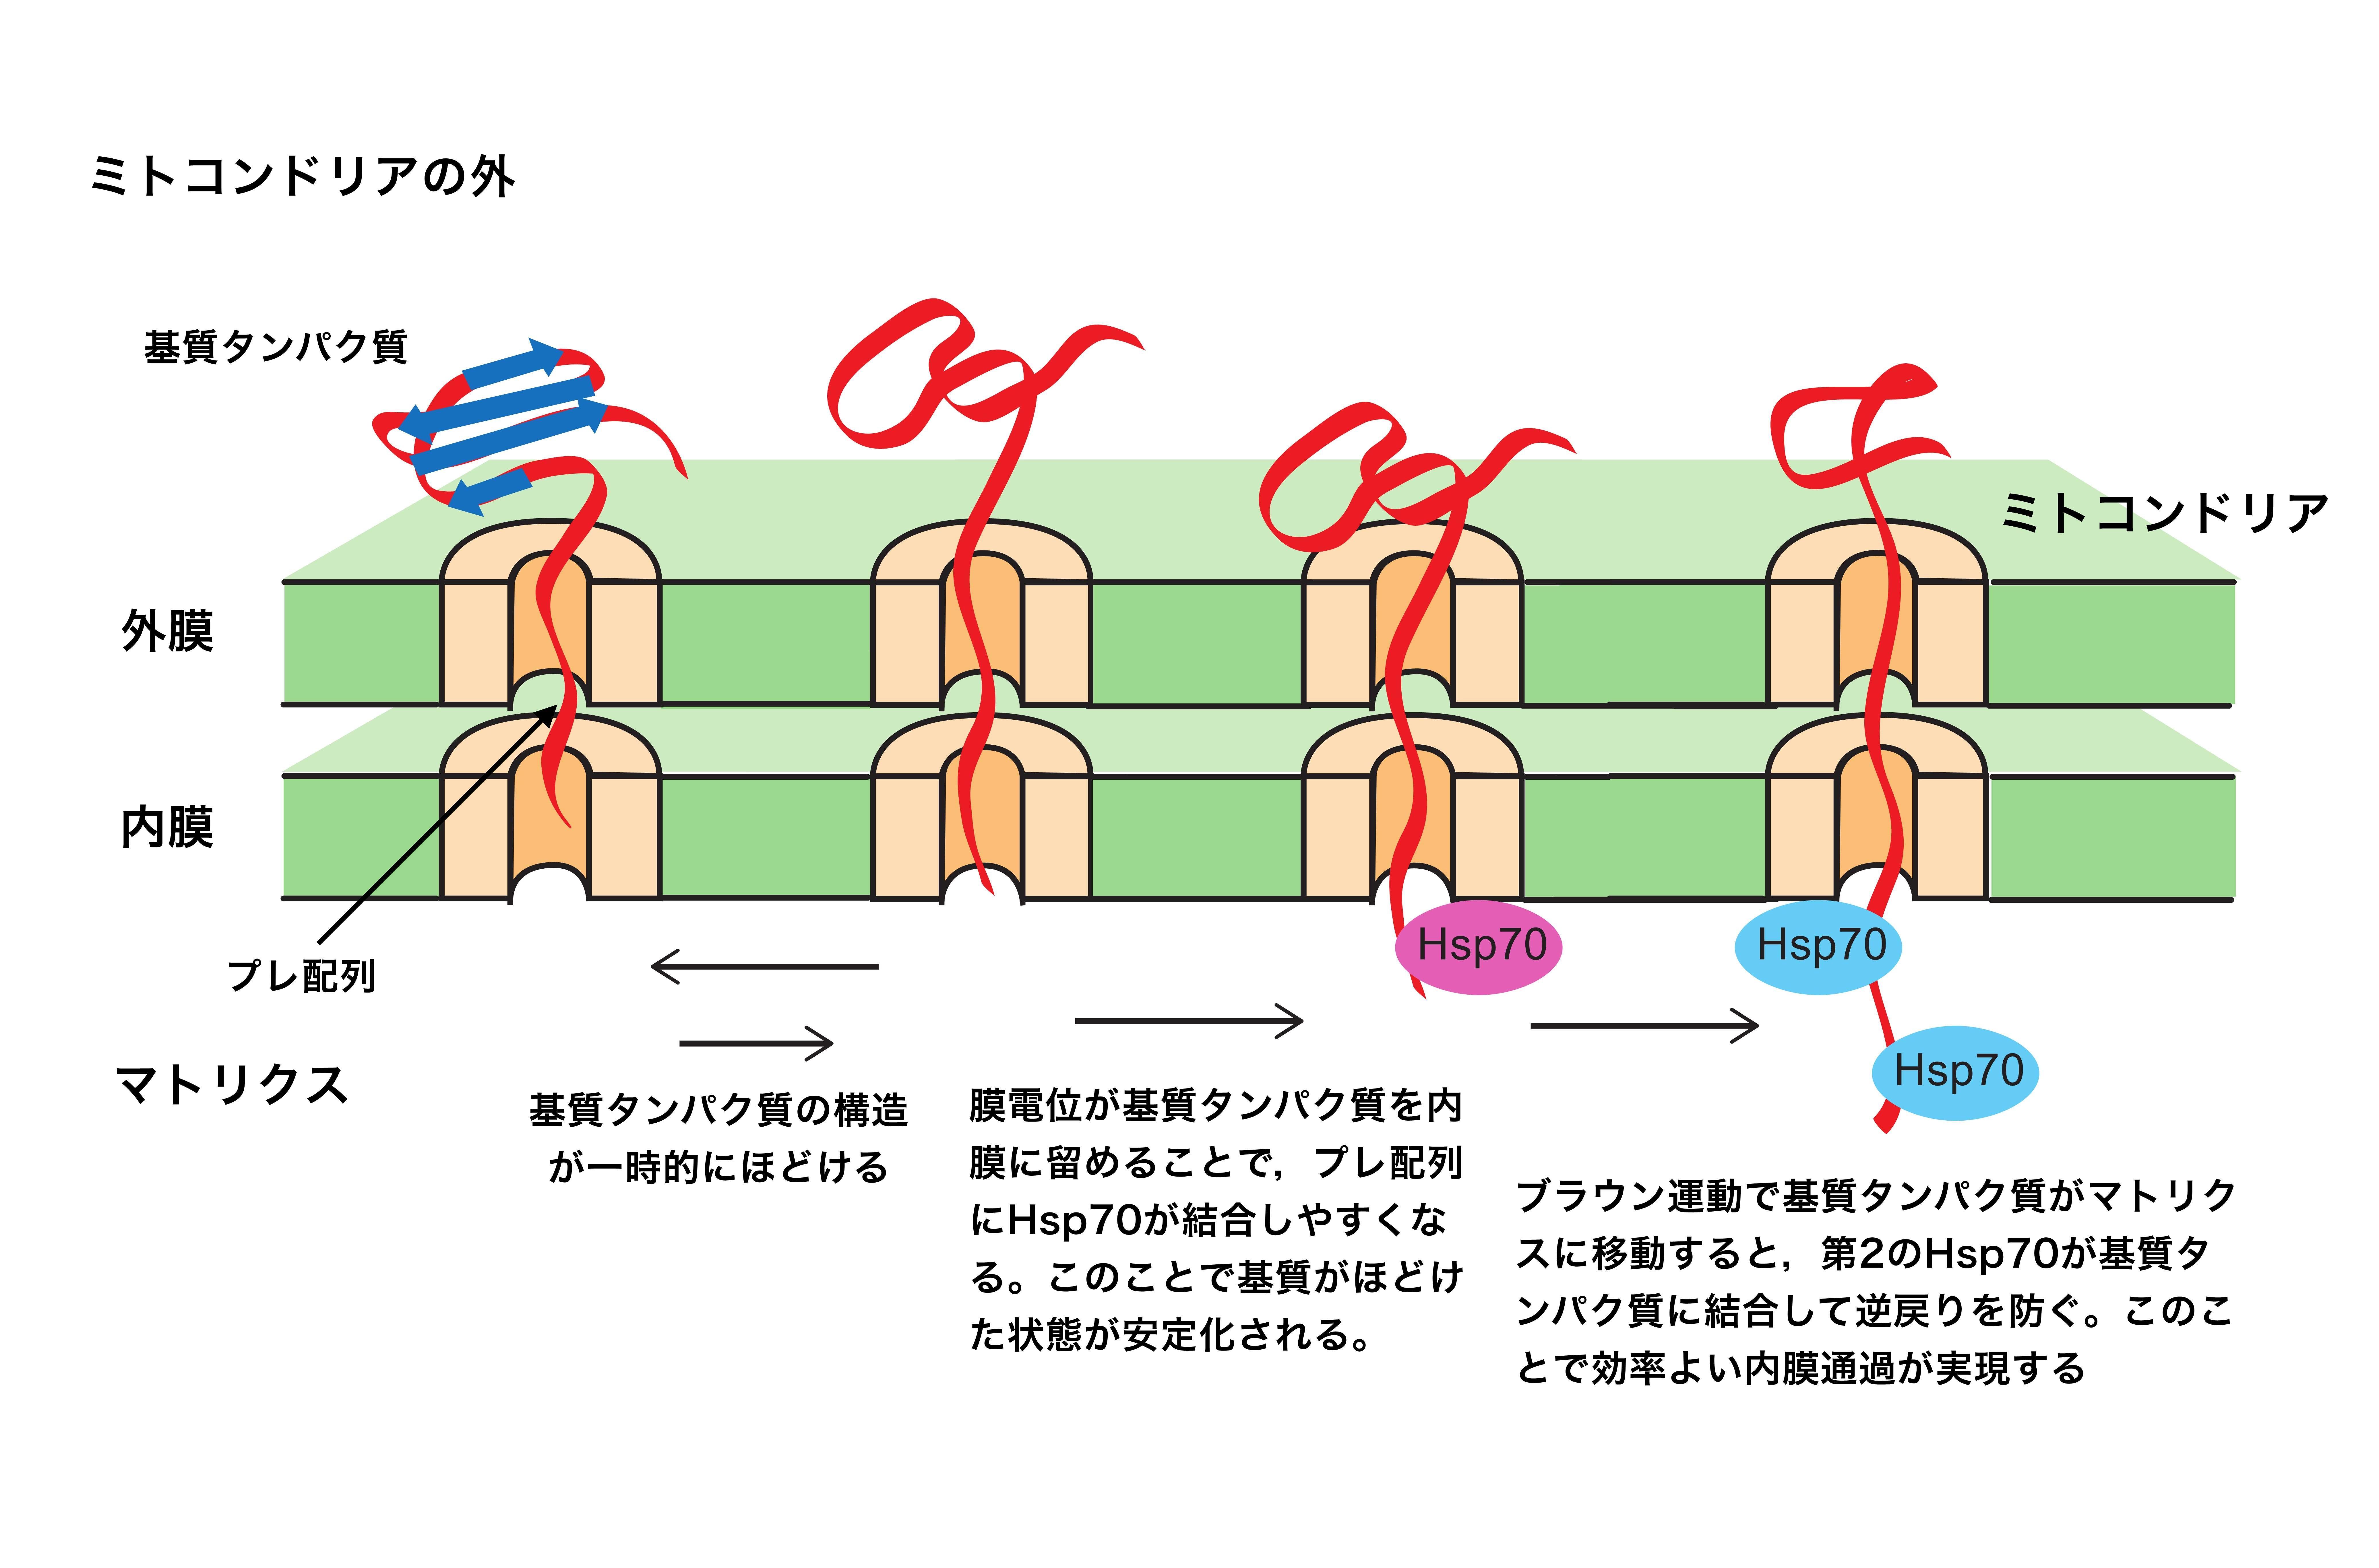 【京都産業大学】ミトコンドリアにおける膜電位の定説を覆す役割を解明 -- Scientific Reports誌に掲載